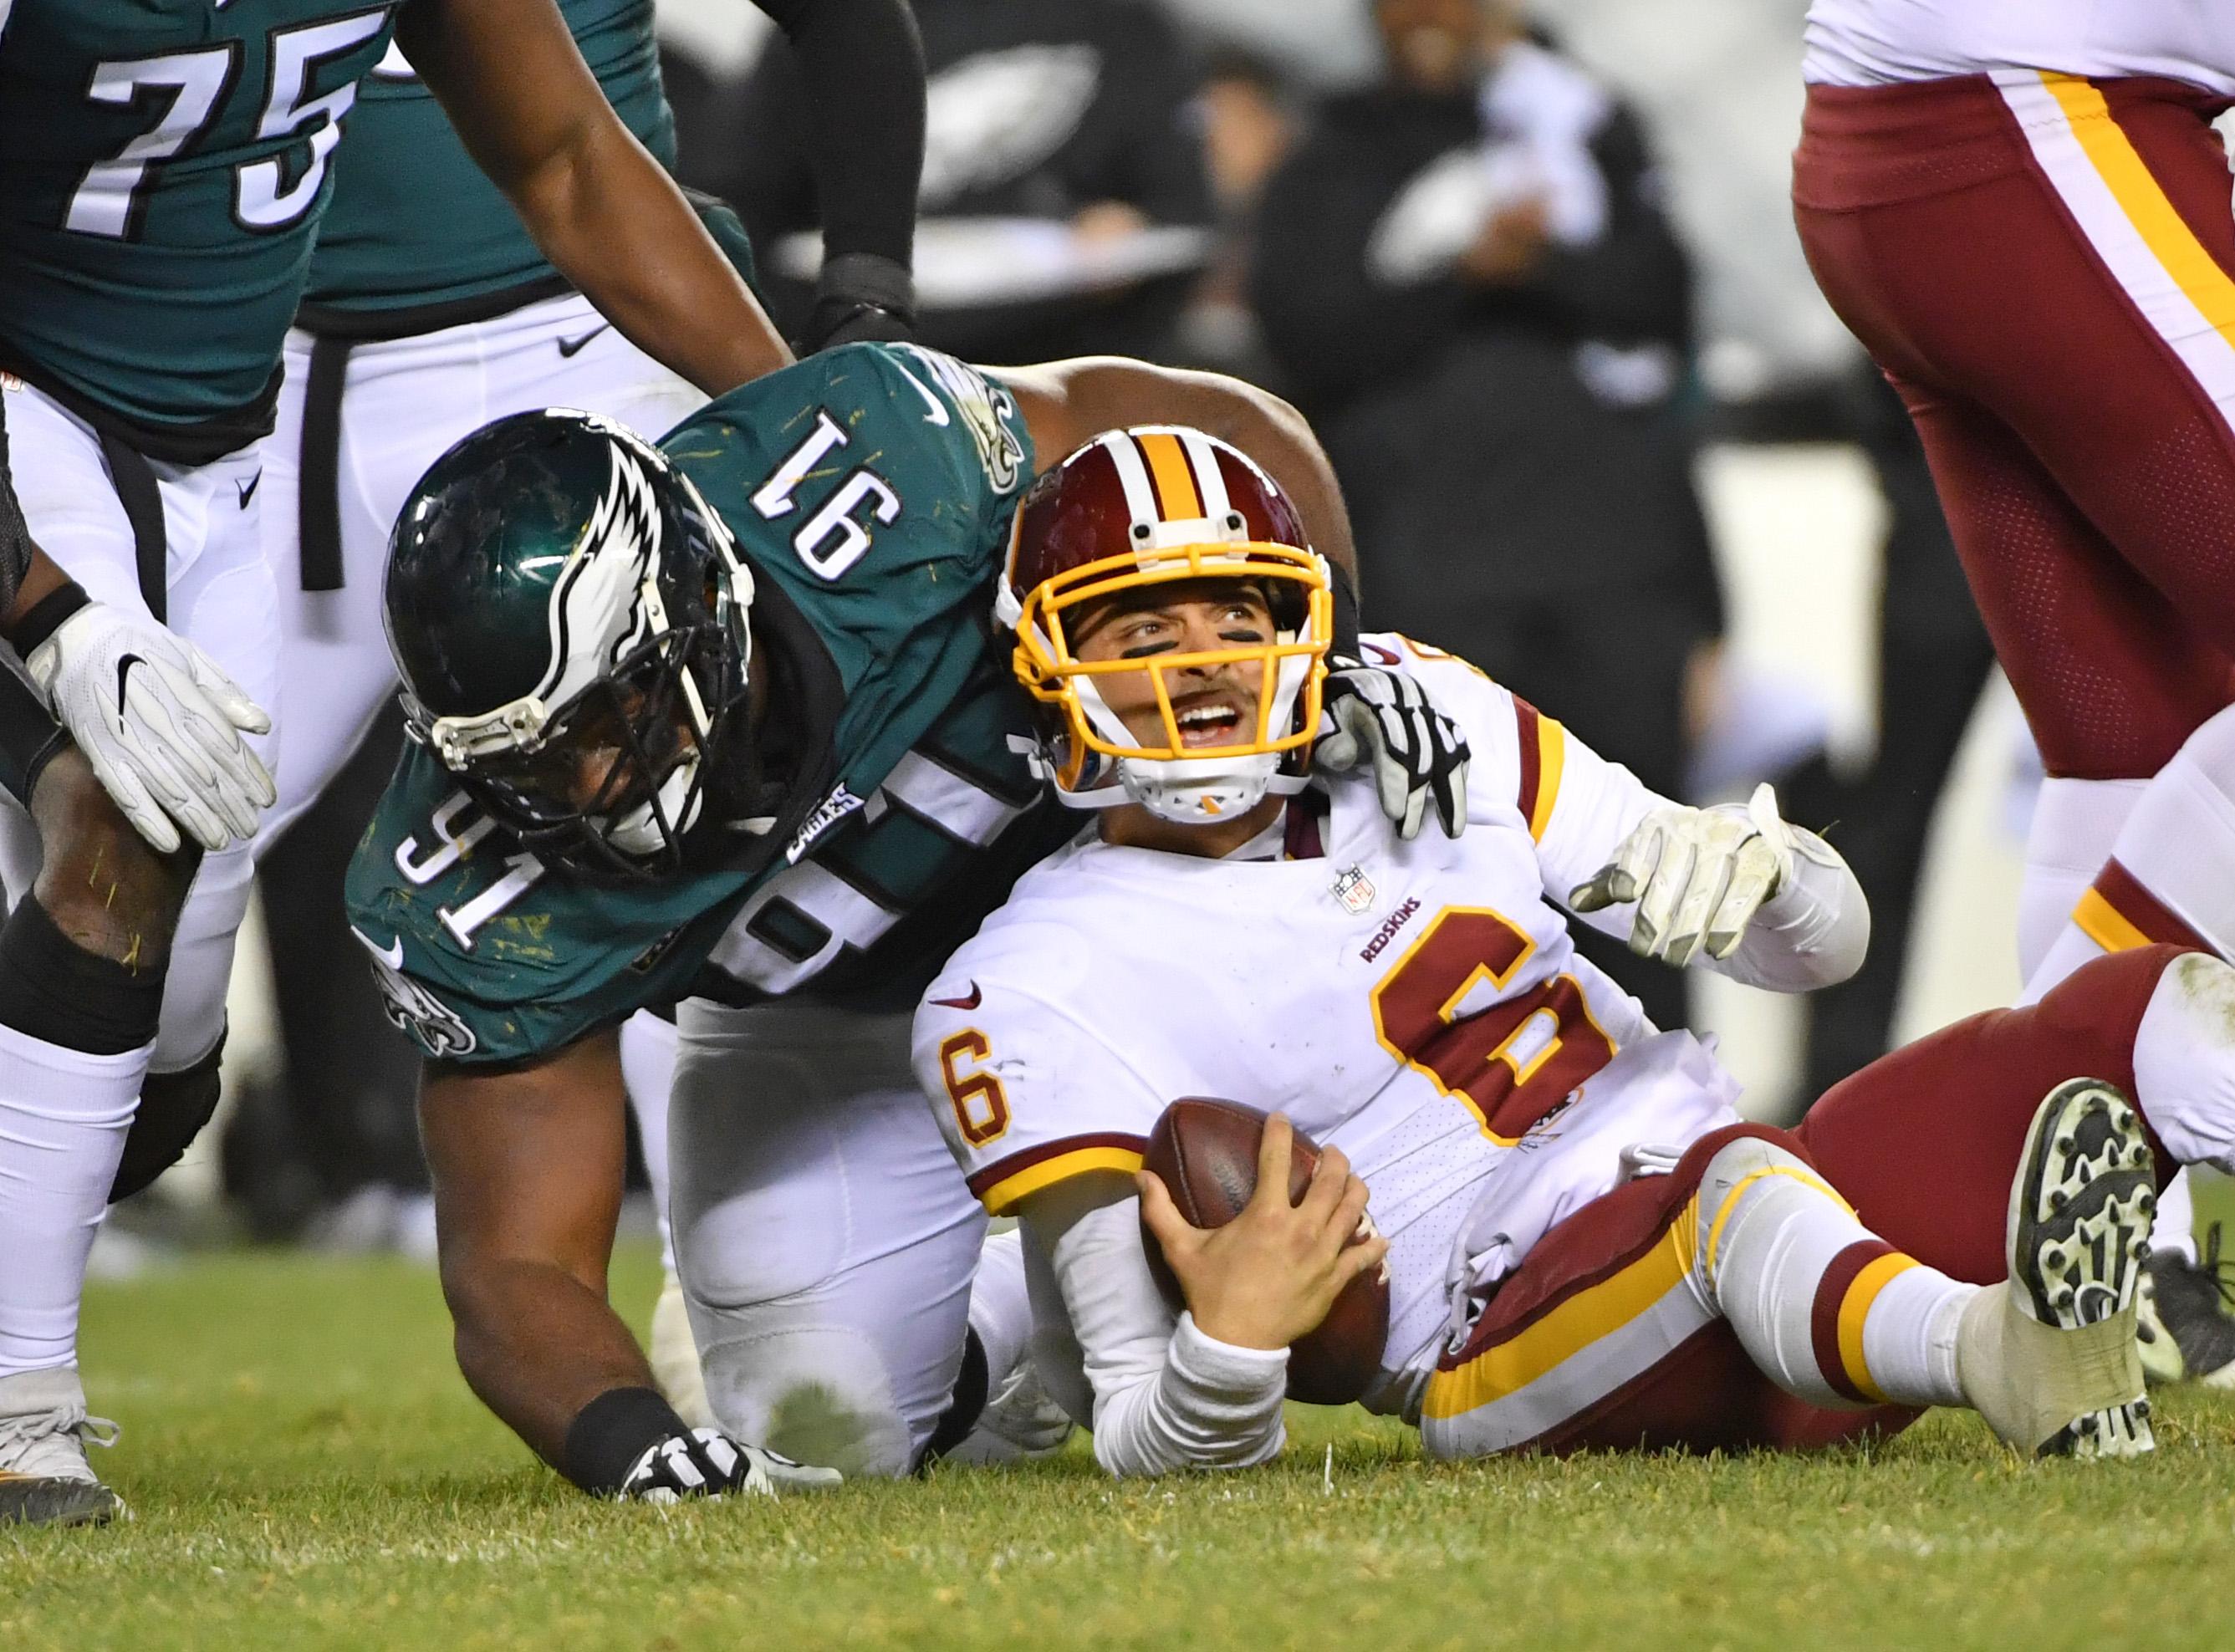 0e17aac5cdb NFL Schedule Leak Rumors  Eagles to host Washington in Week 1